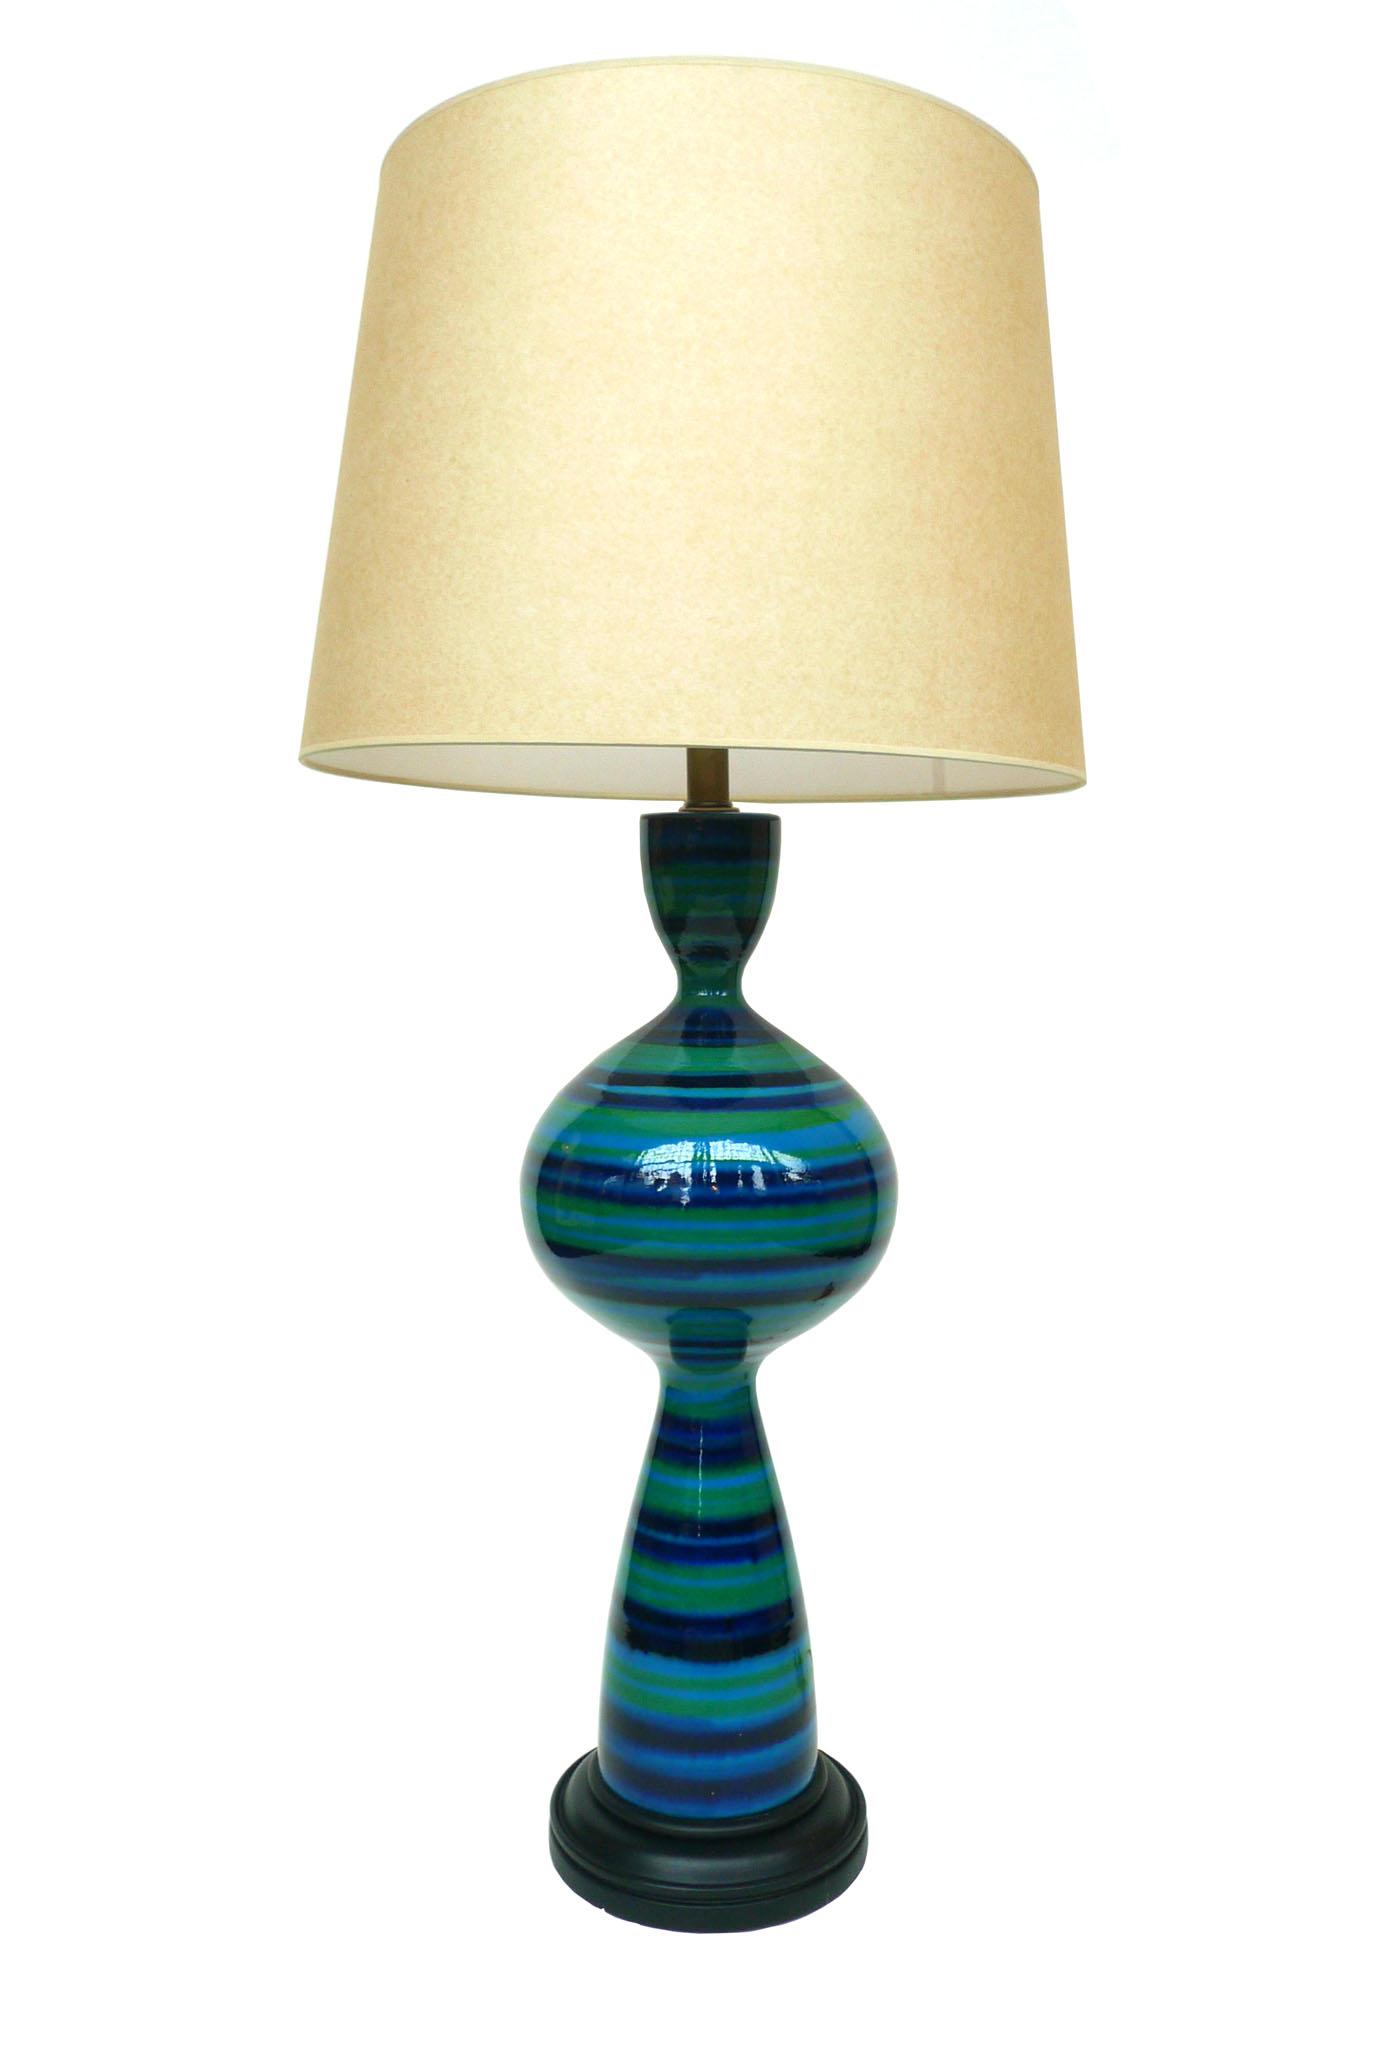 Modern Italian Table Lamp Table Lamp Lamp Italian Table